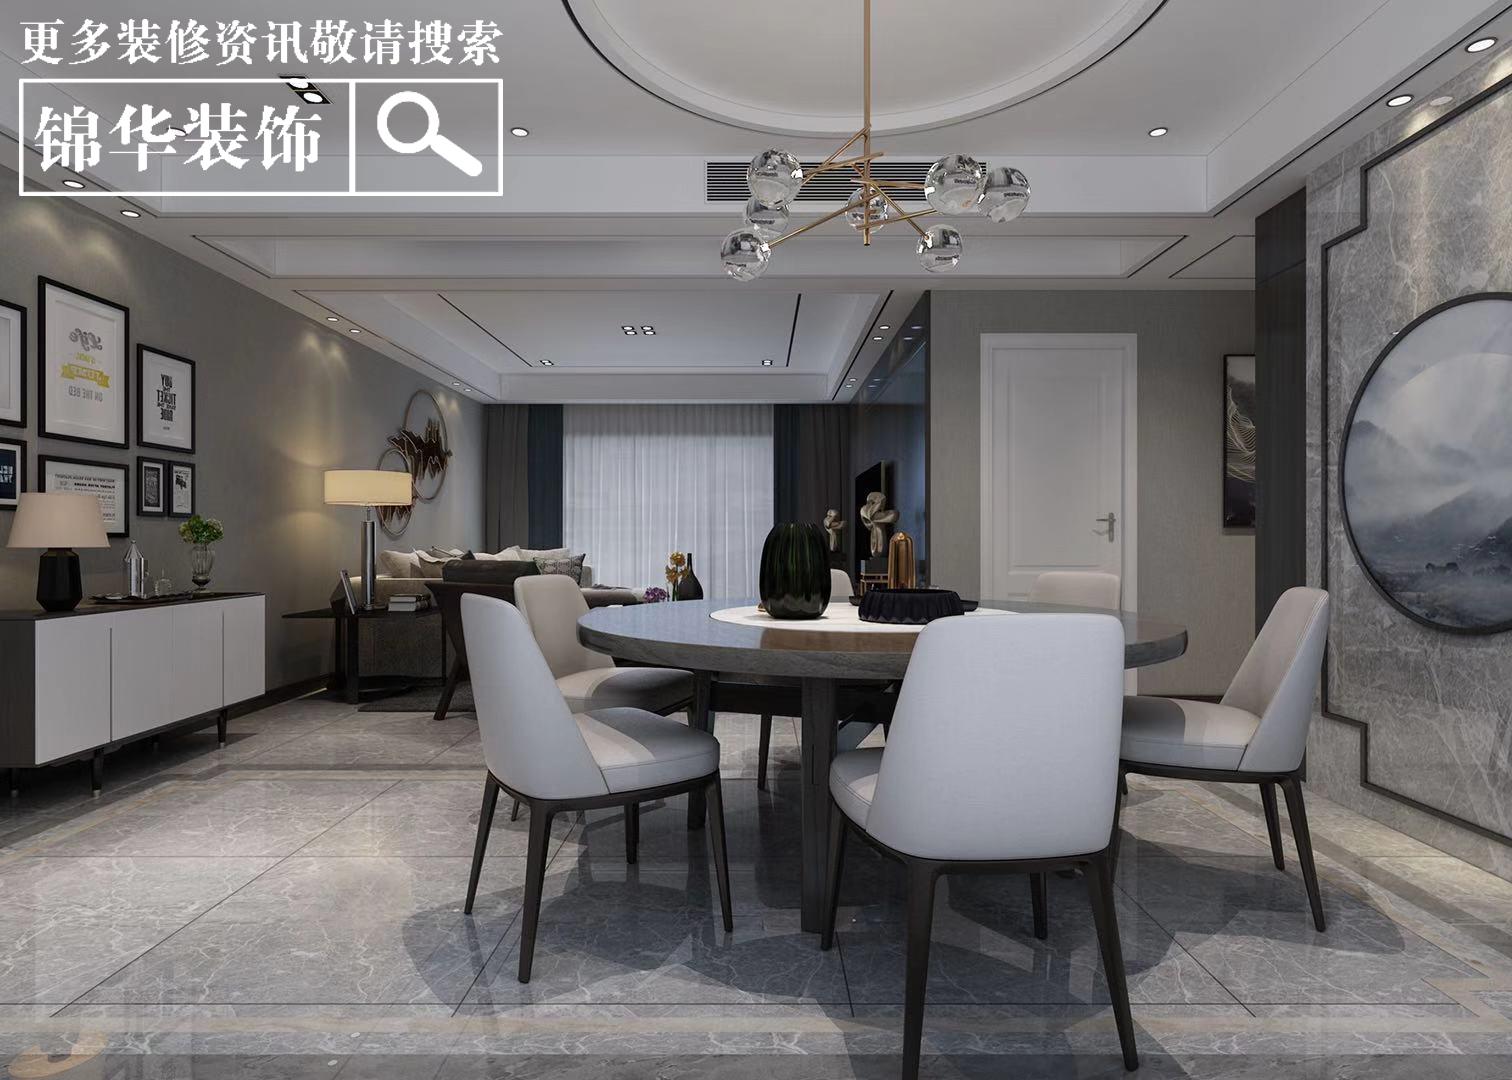 华润国际-现代新中式